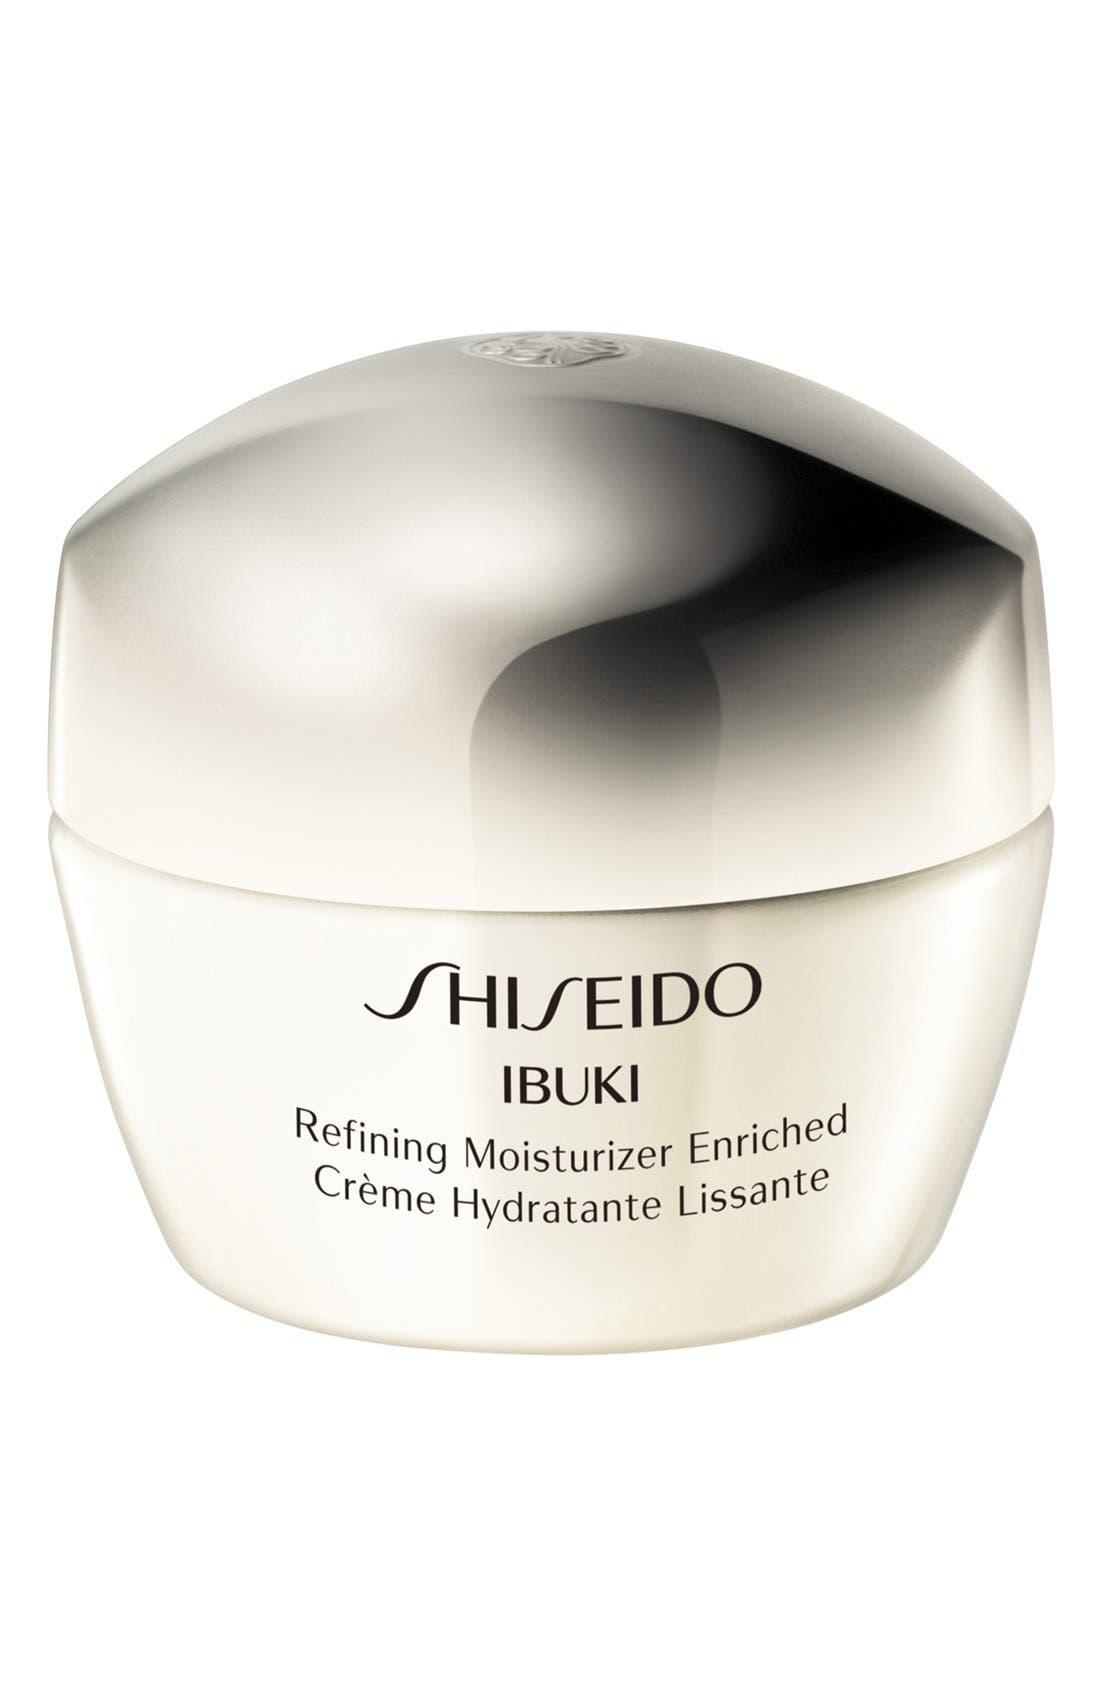 Shiseido 'Ibuki' Refining Moisturizer Enriched